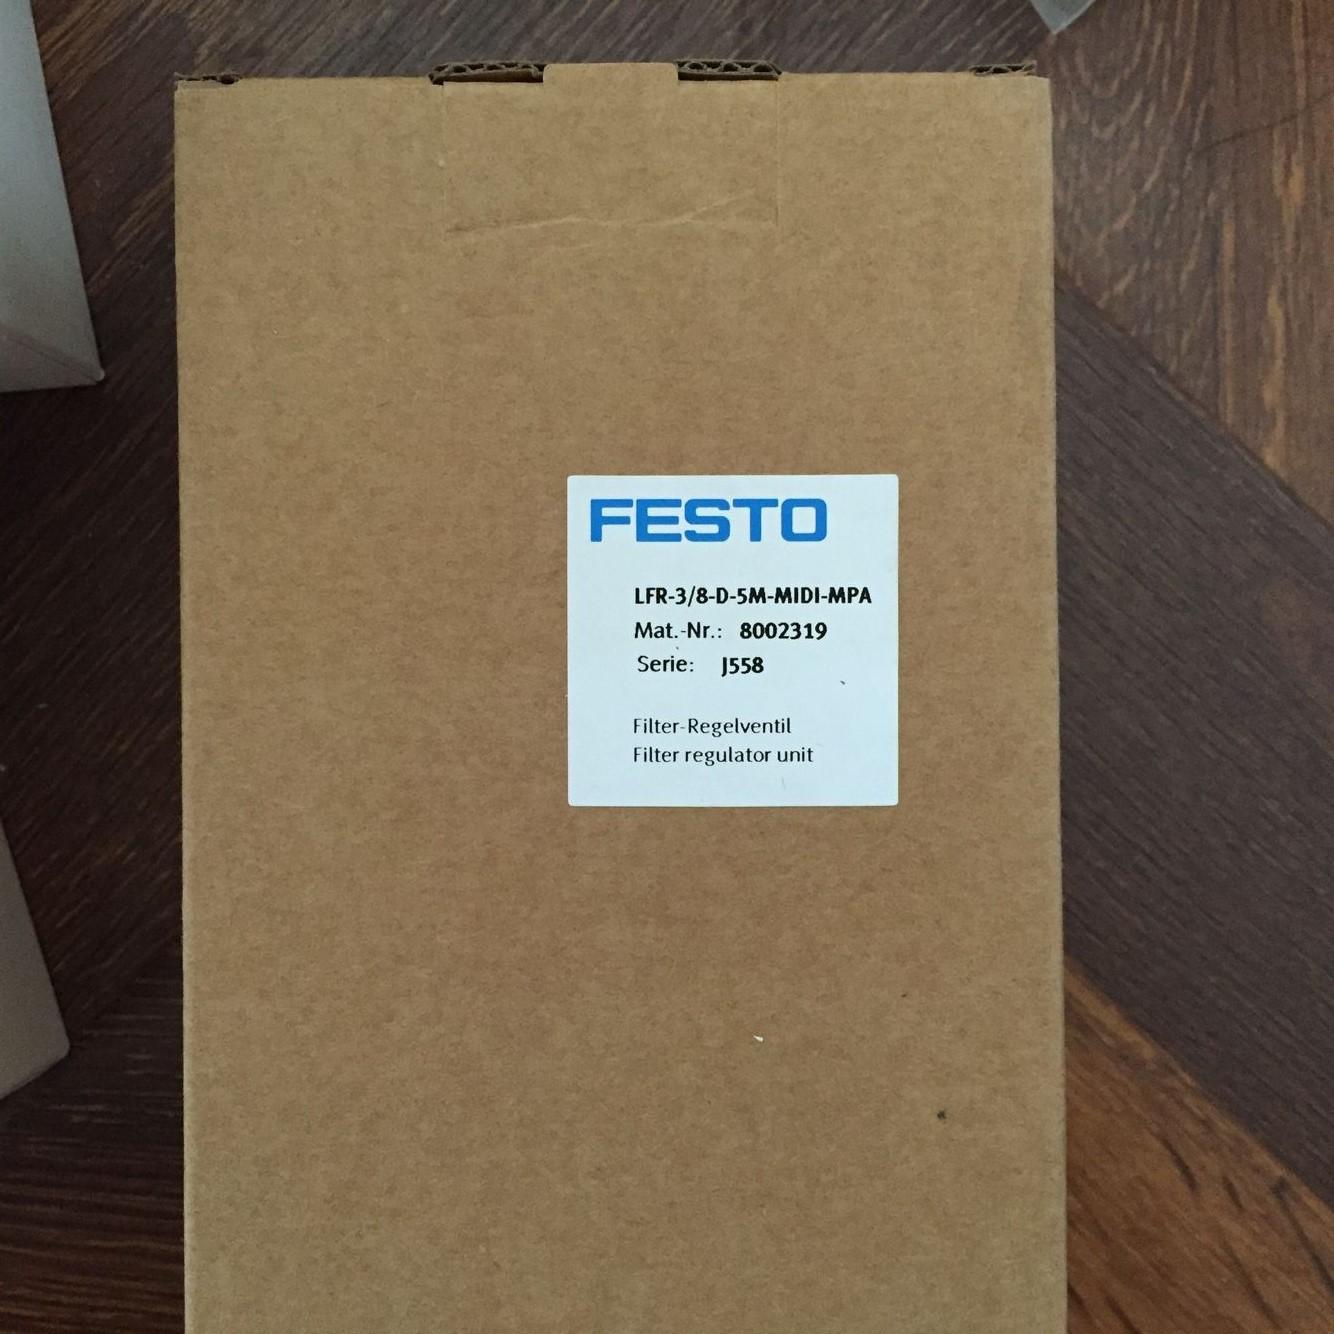 Bộ lọc hơi FESTO LFR-1/2-D-5M-MIDI-A-MPA 8002328